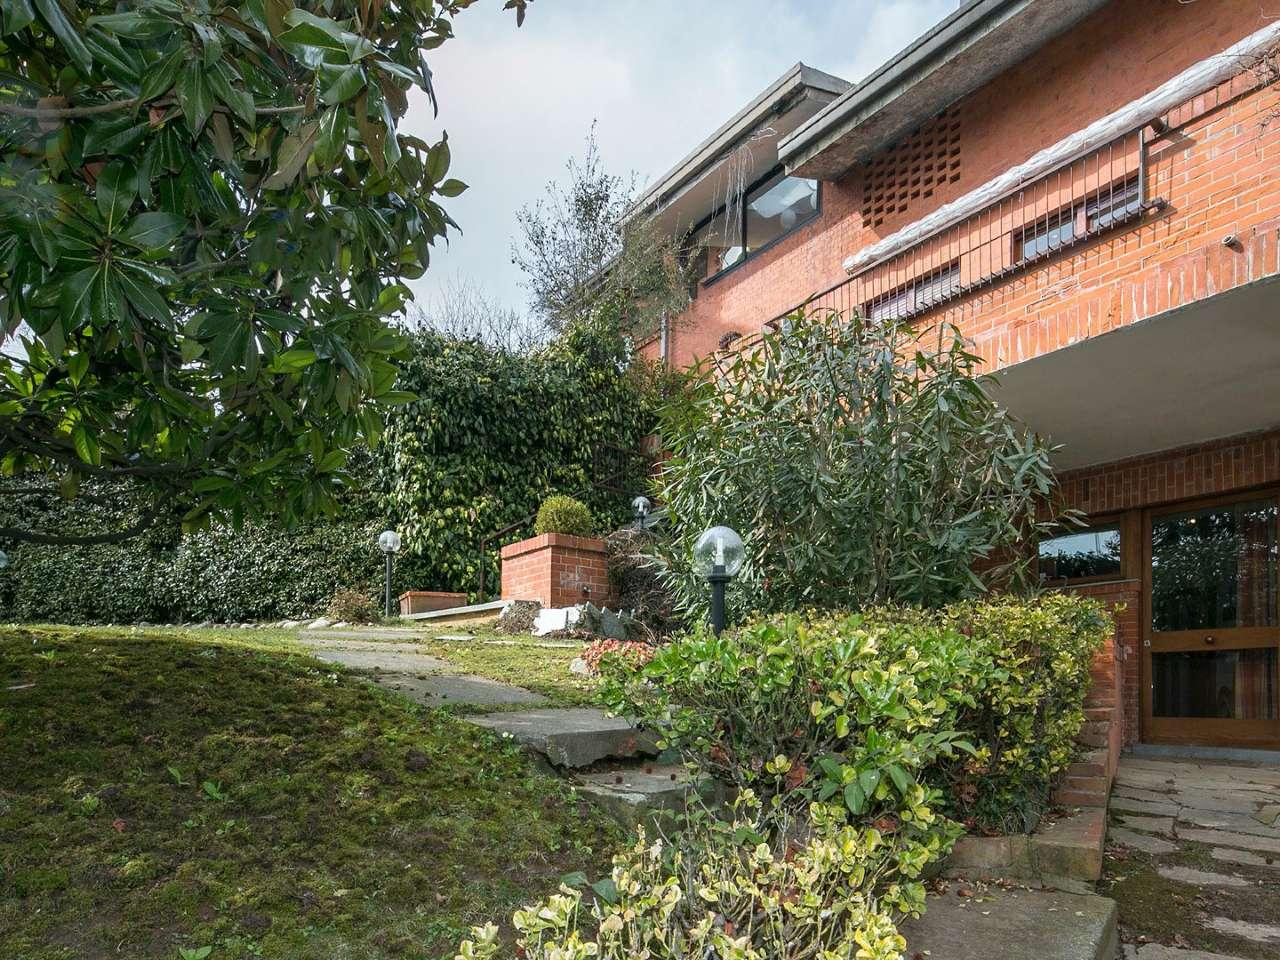 Appartamento signorile con giardino privato e terrazzo - Appartamento con giardino privato ...